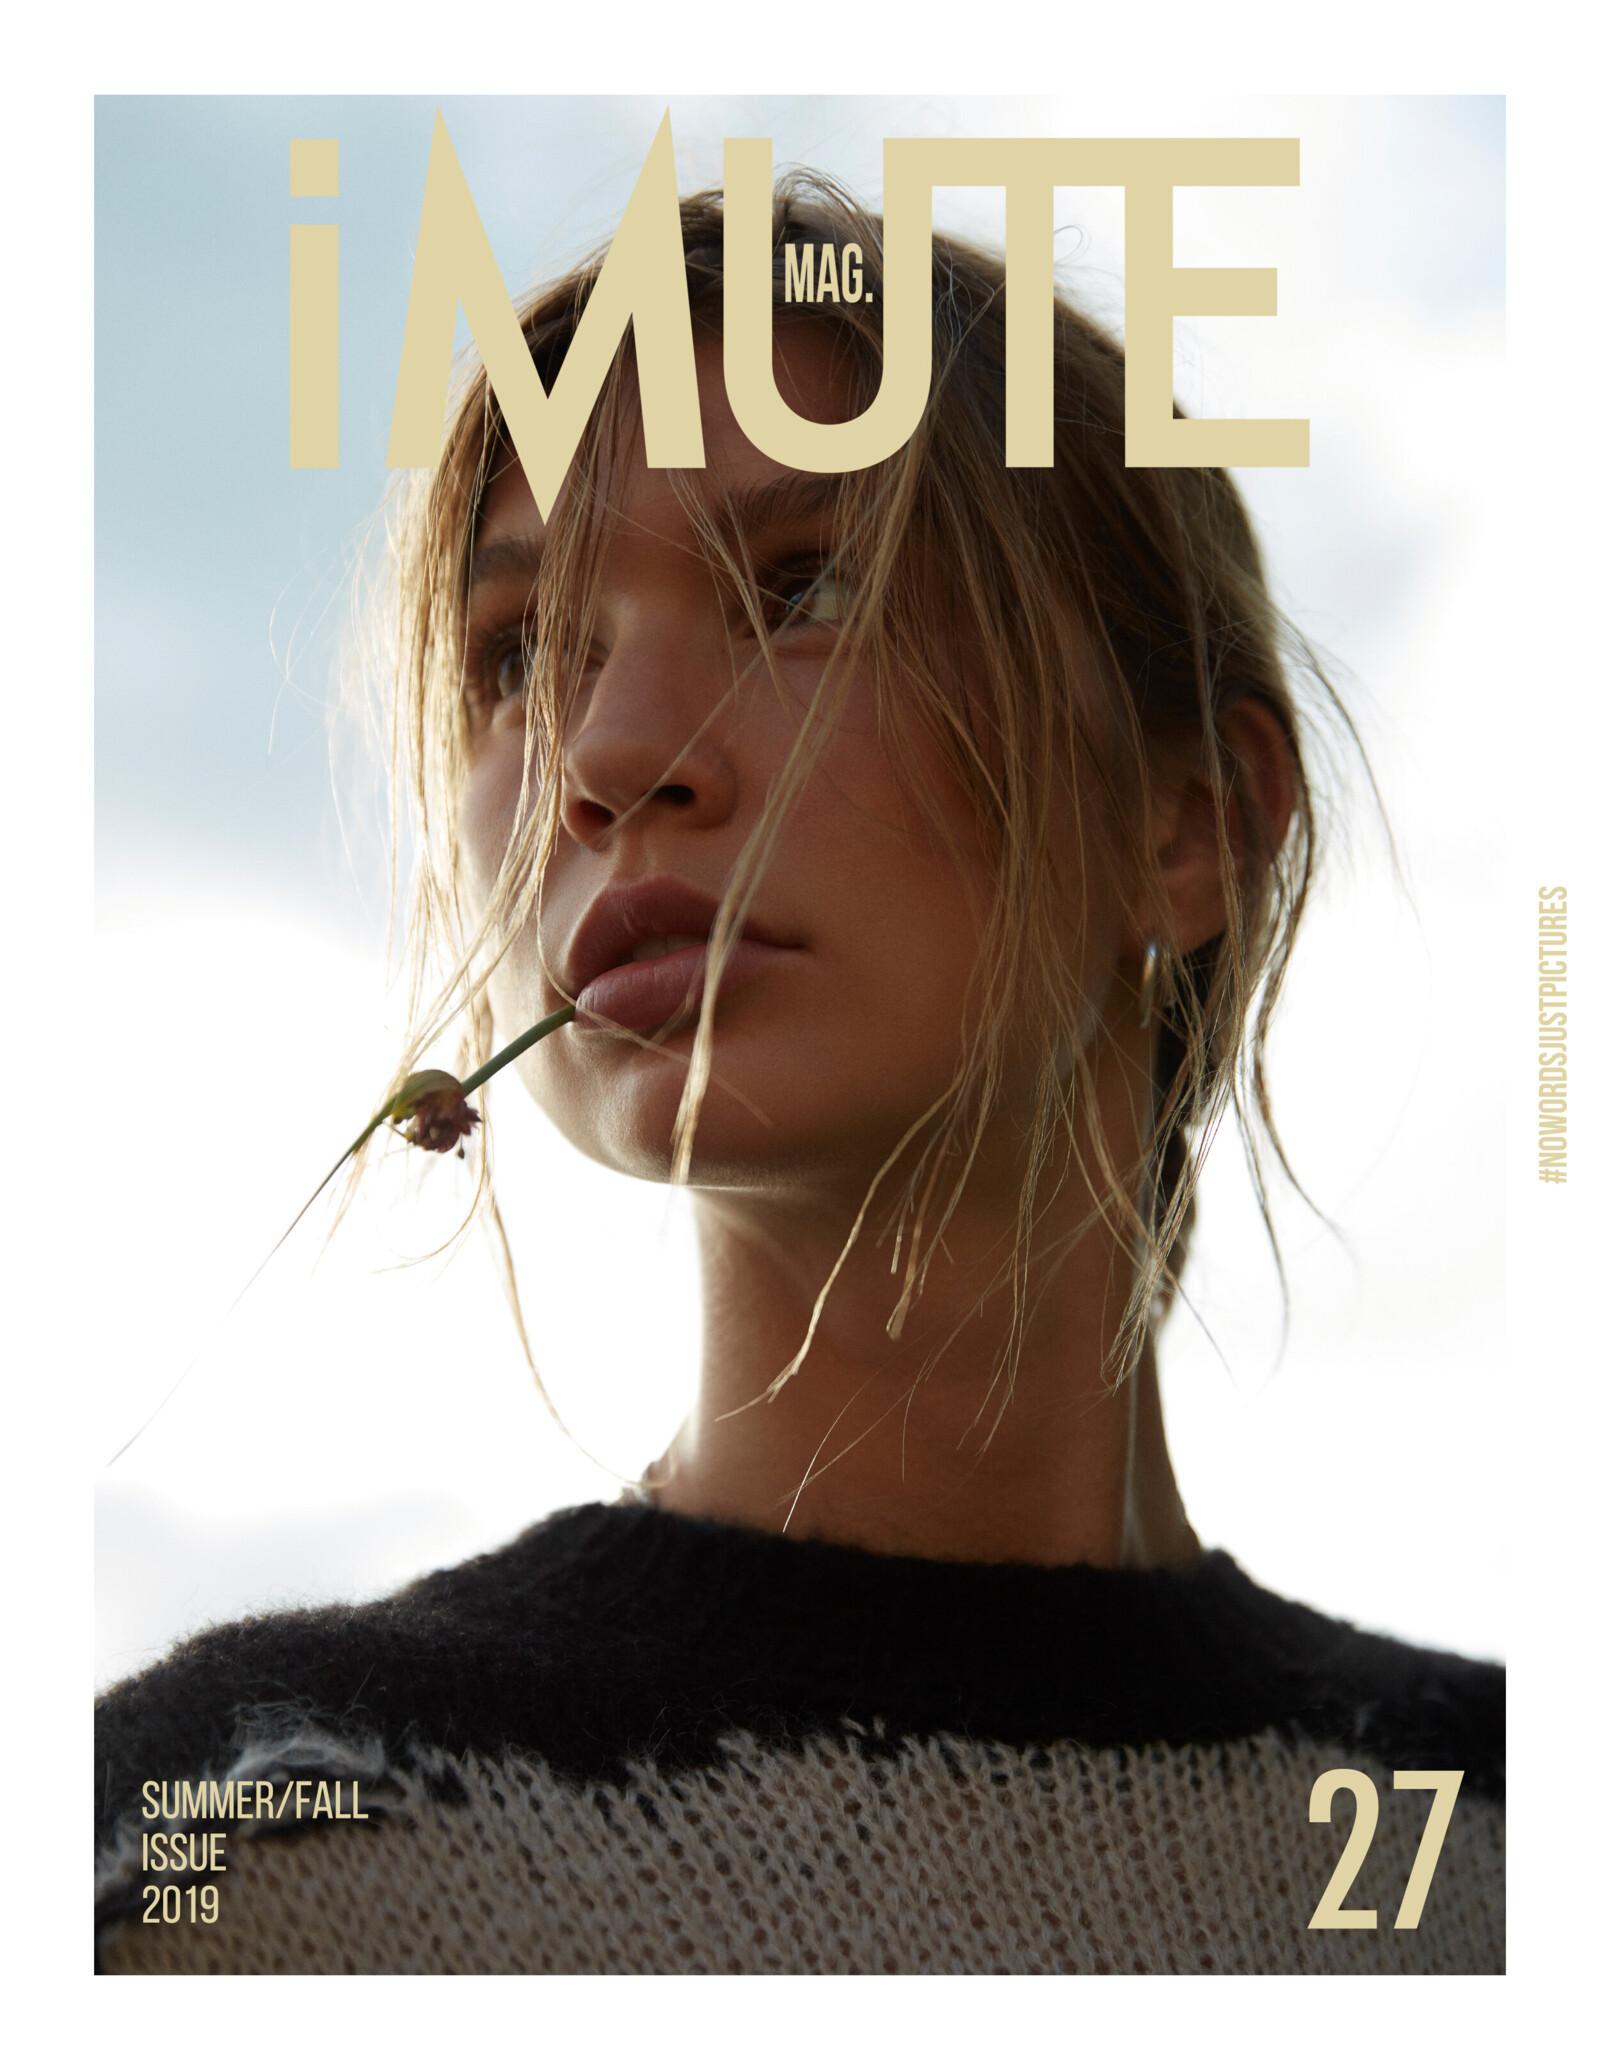 IMUTE+27